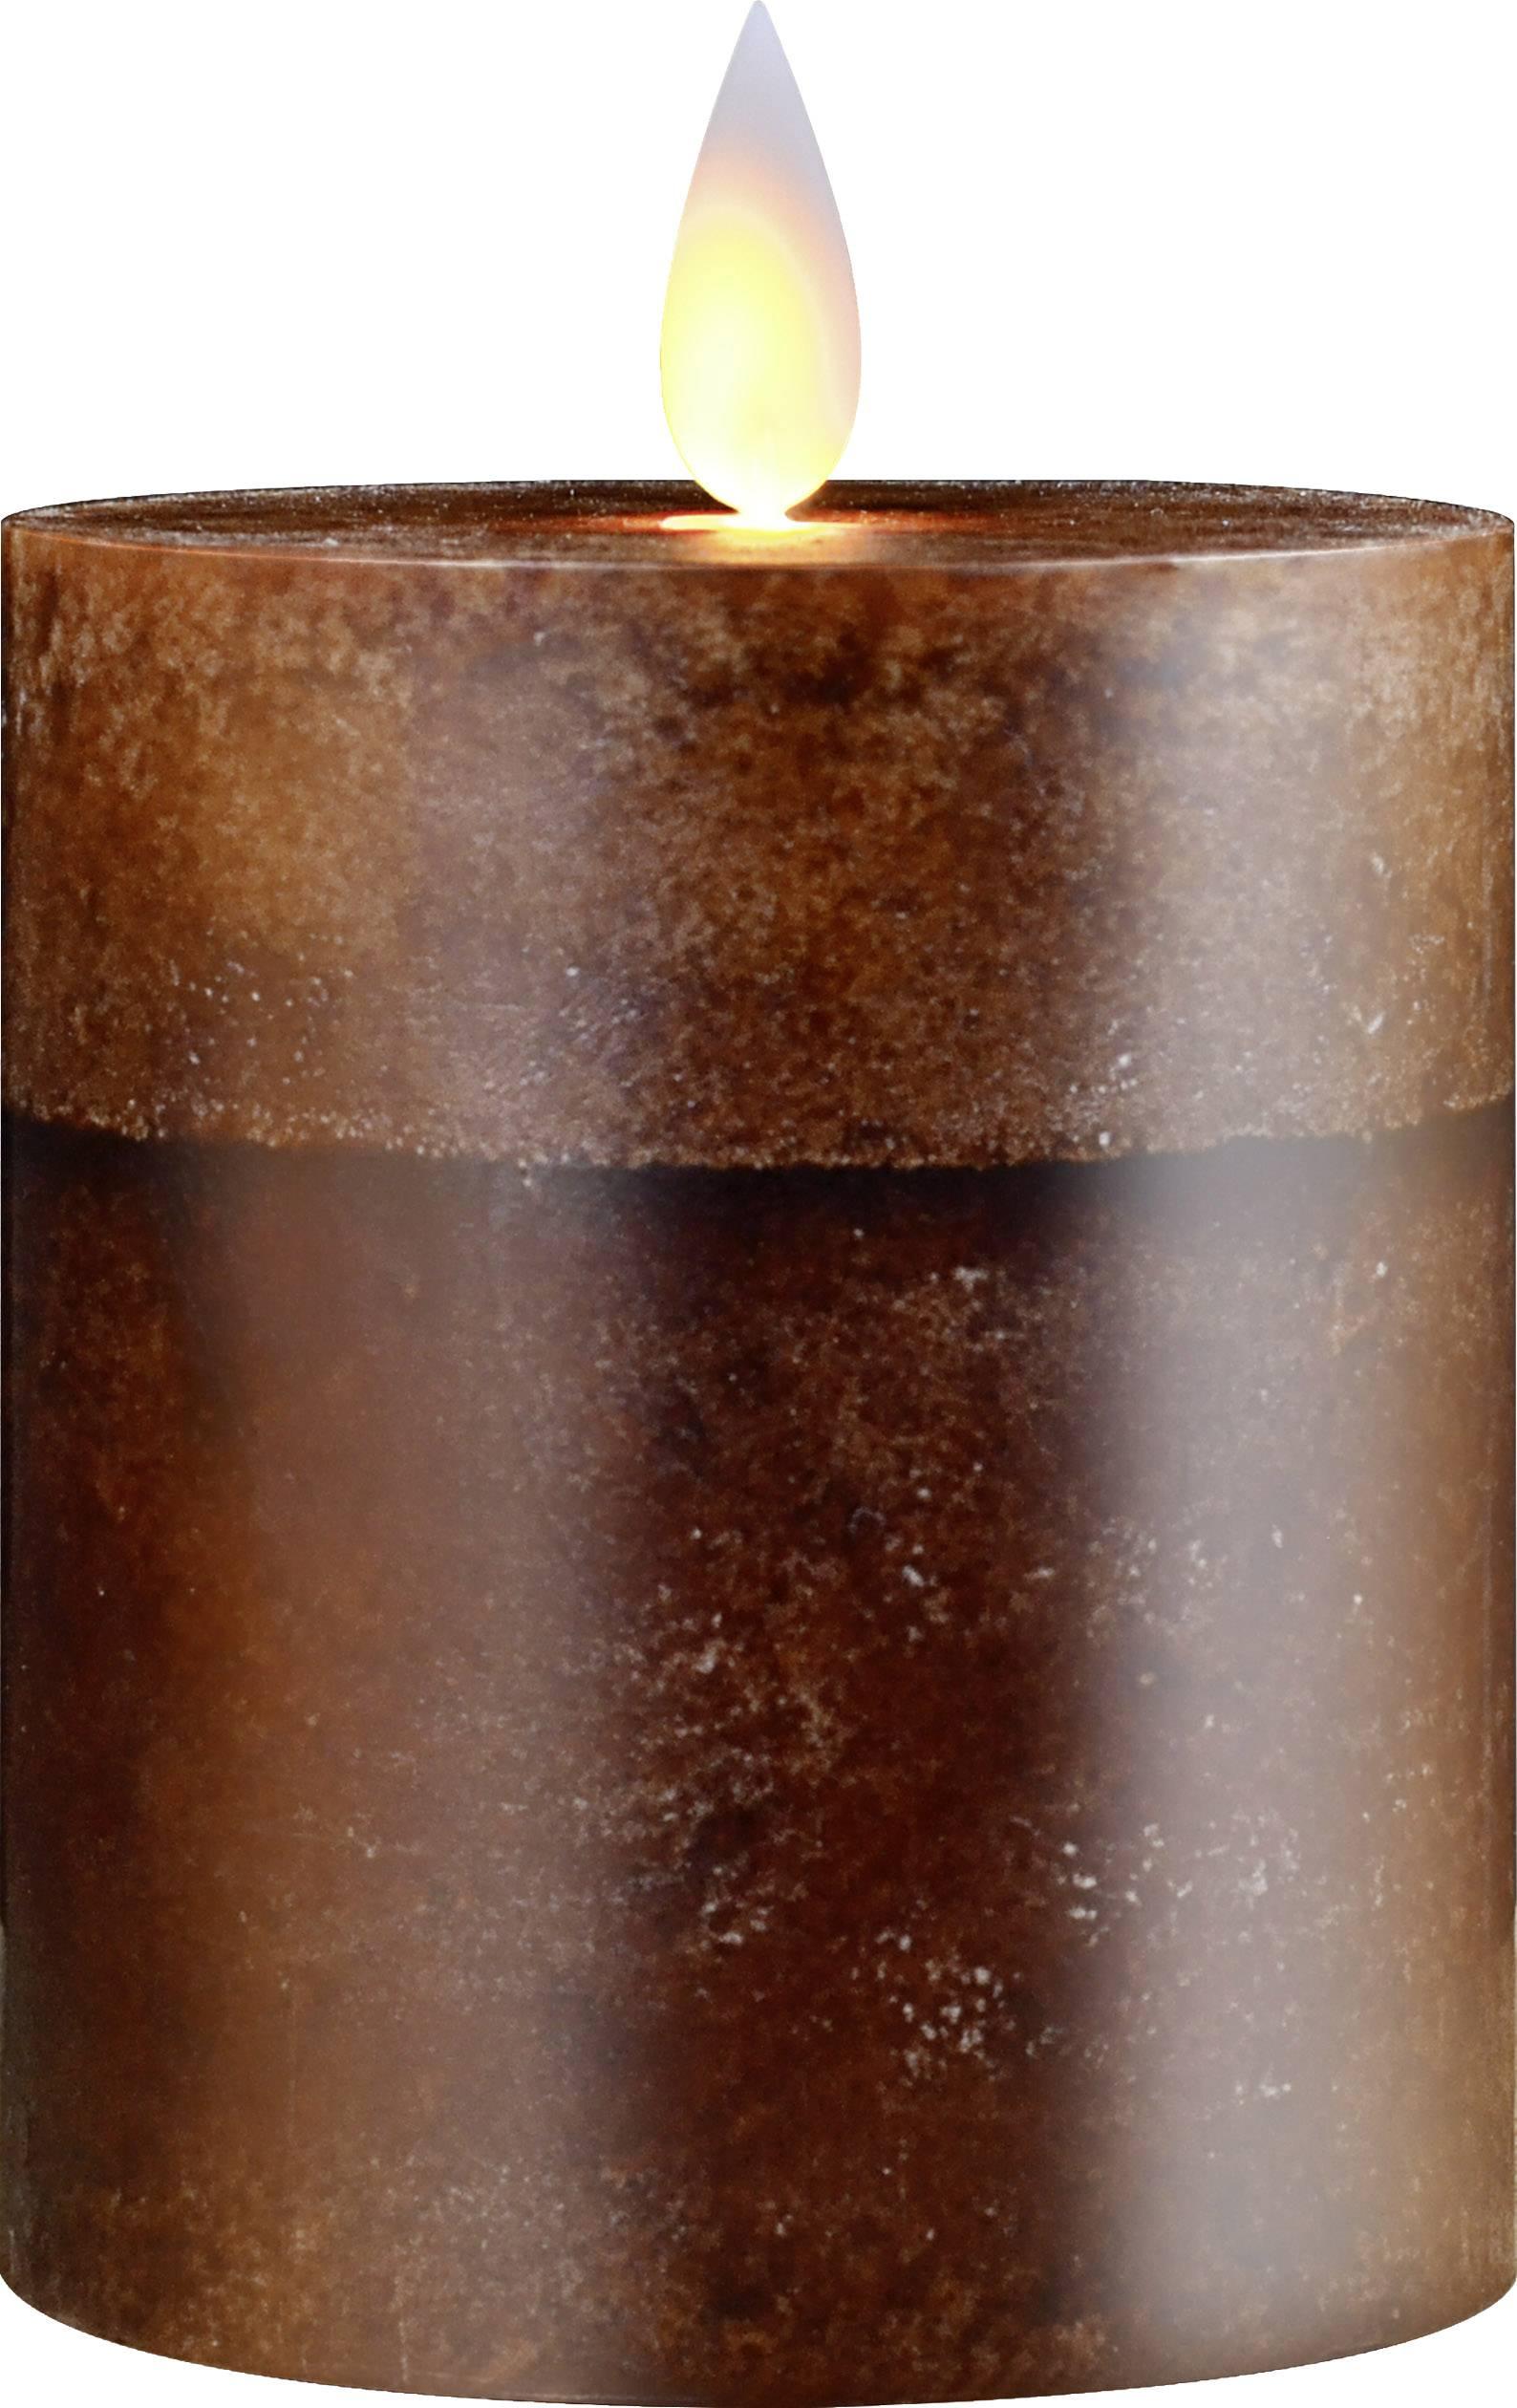 LED vosková svíčka Polarlite vnitřní/venkovní, hnědá, 1 ks